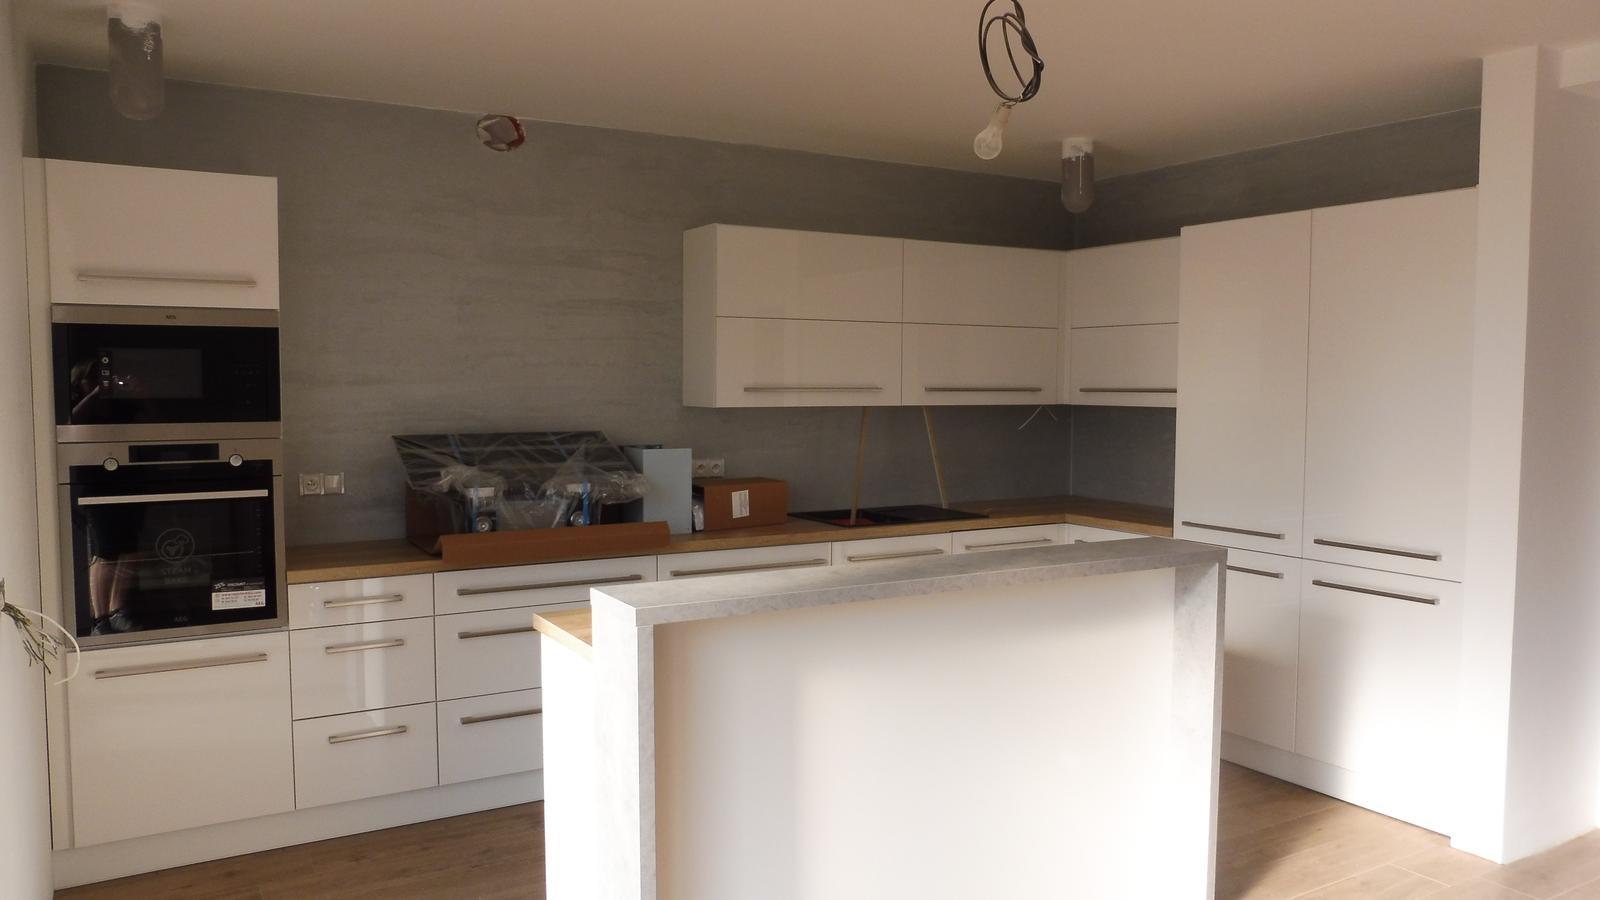 Kuchyně - Už jen pověsit digestoř a je téměř hotovo :)